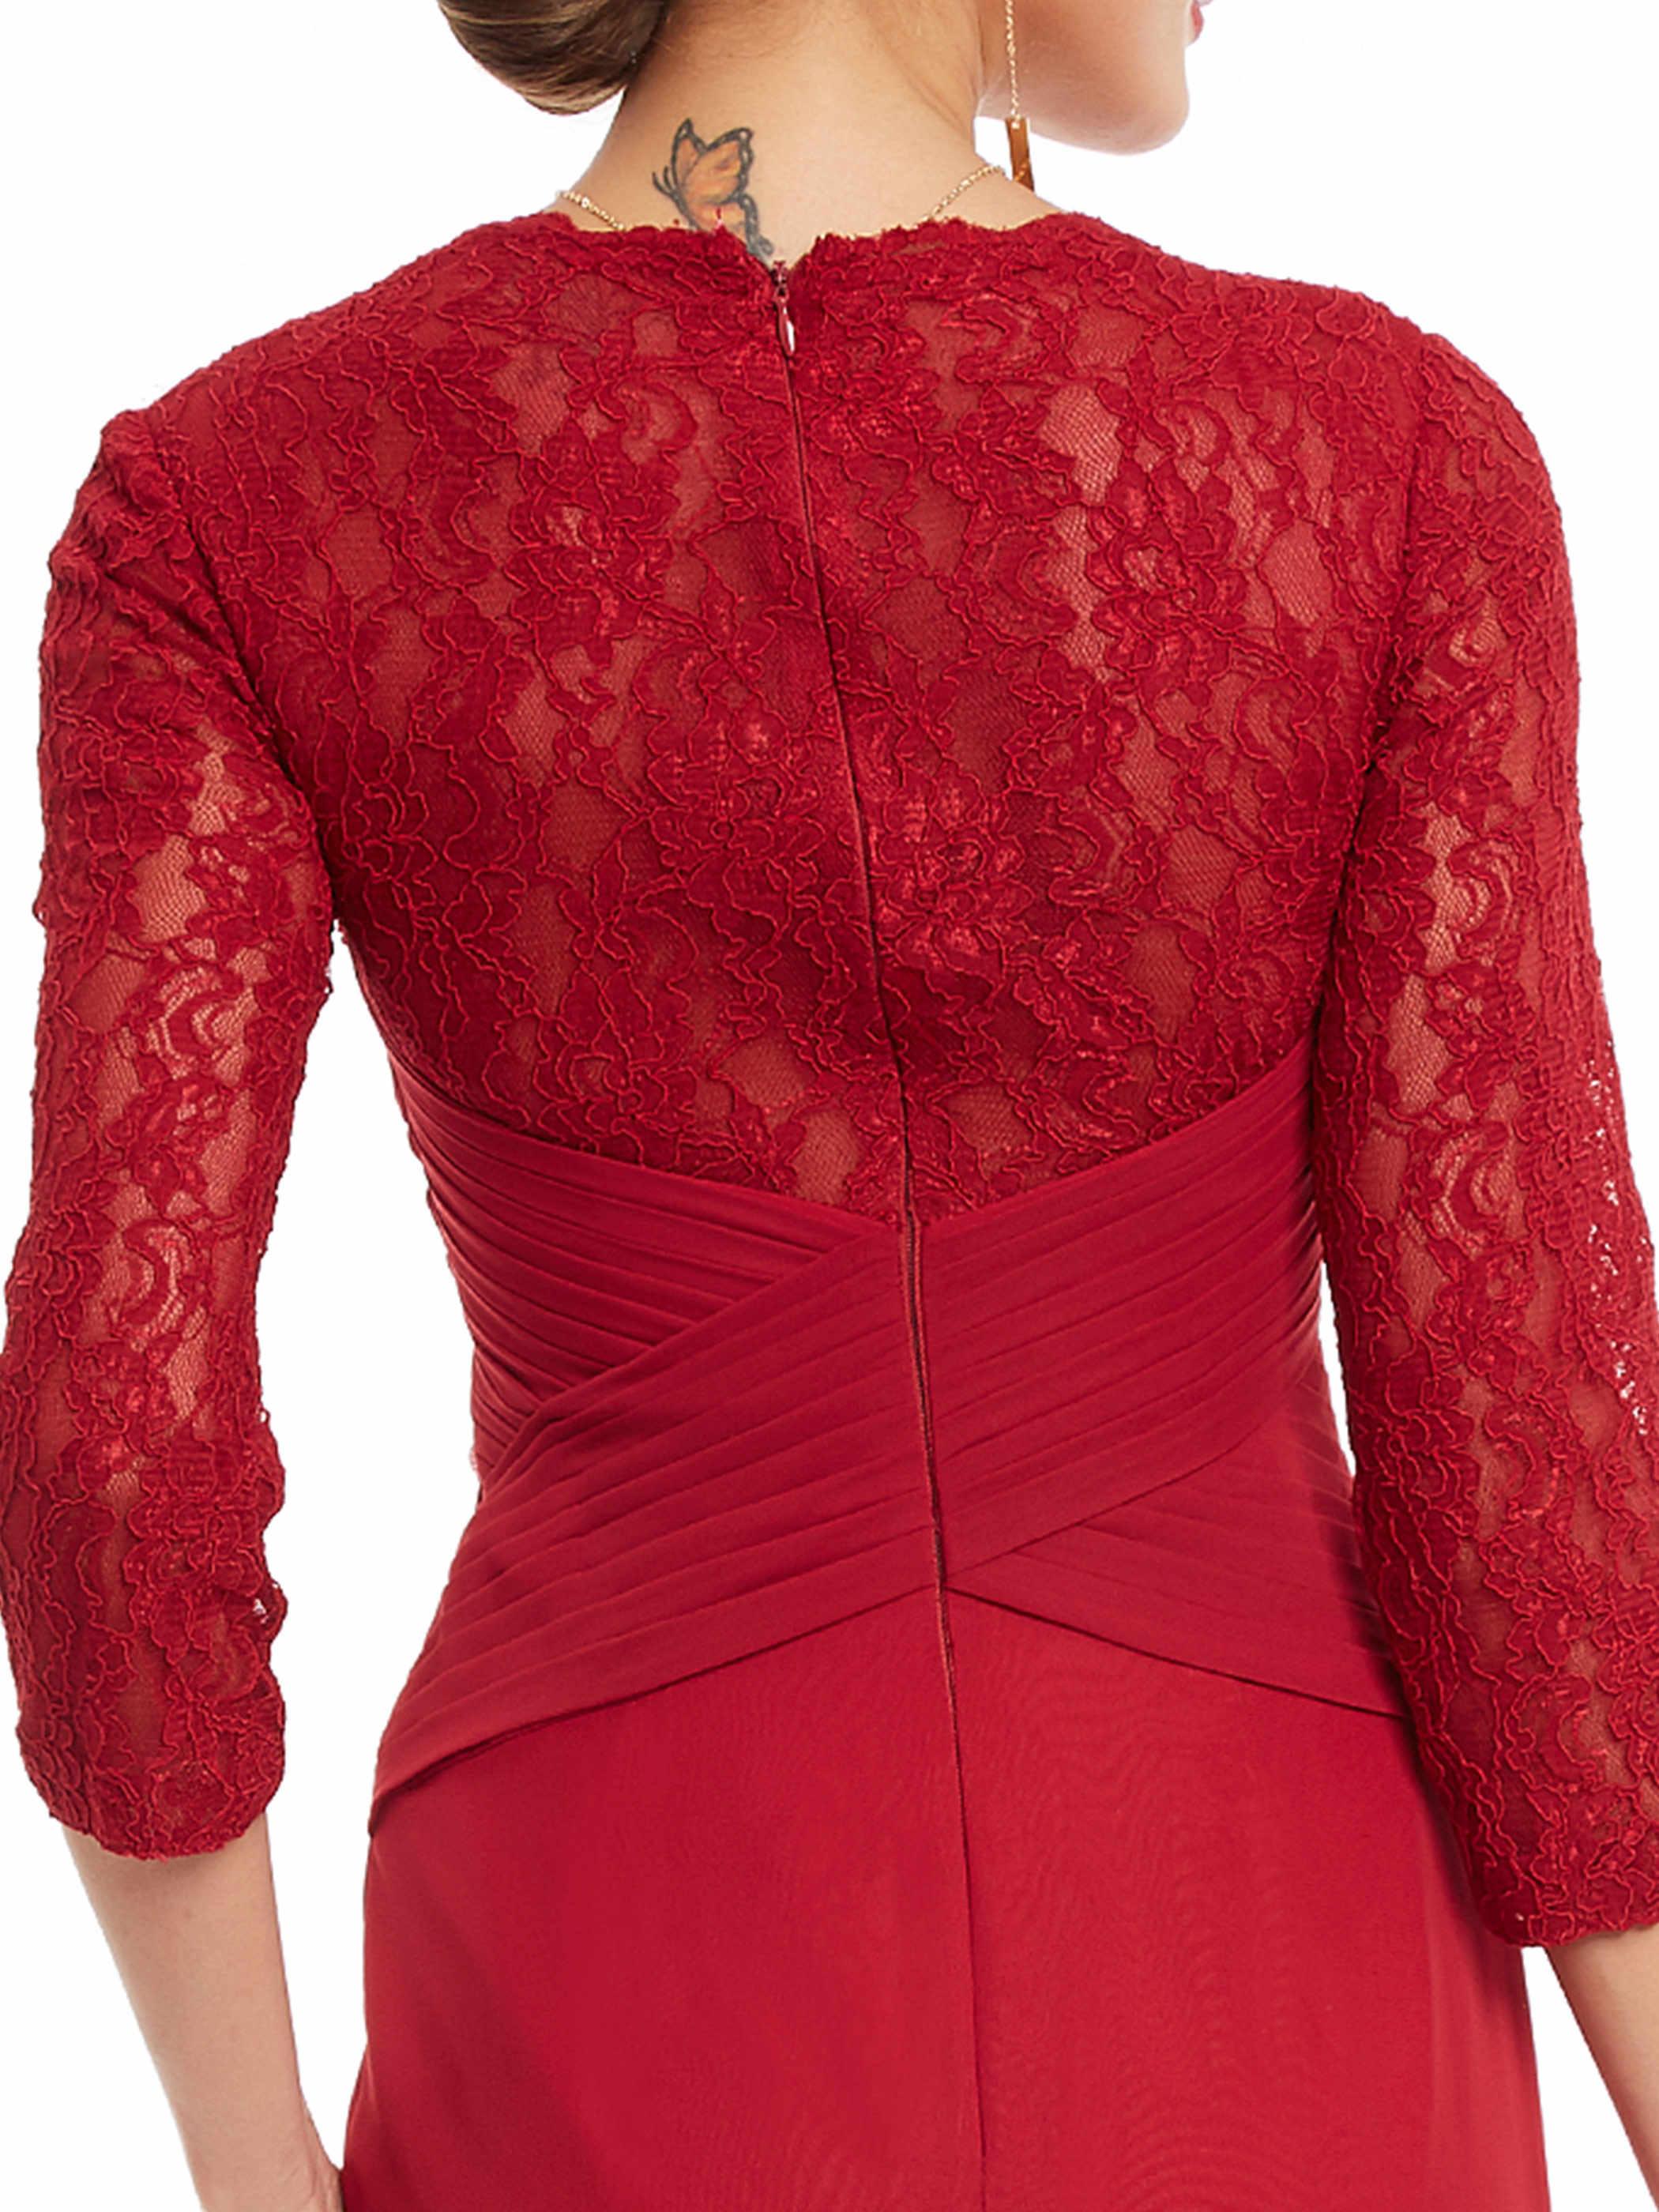 Dressv rękawy trzy czwarte suknia wieczorowa v neck bordowy kwiaty koronkowe sukienki damskie party plisy prosta długa suknia wieczorowa